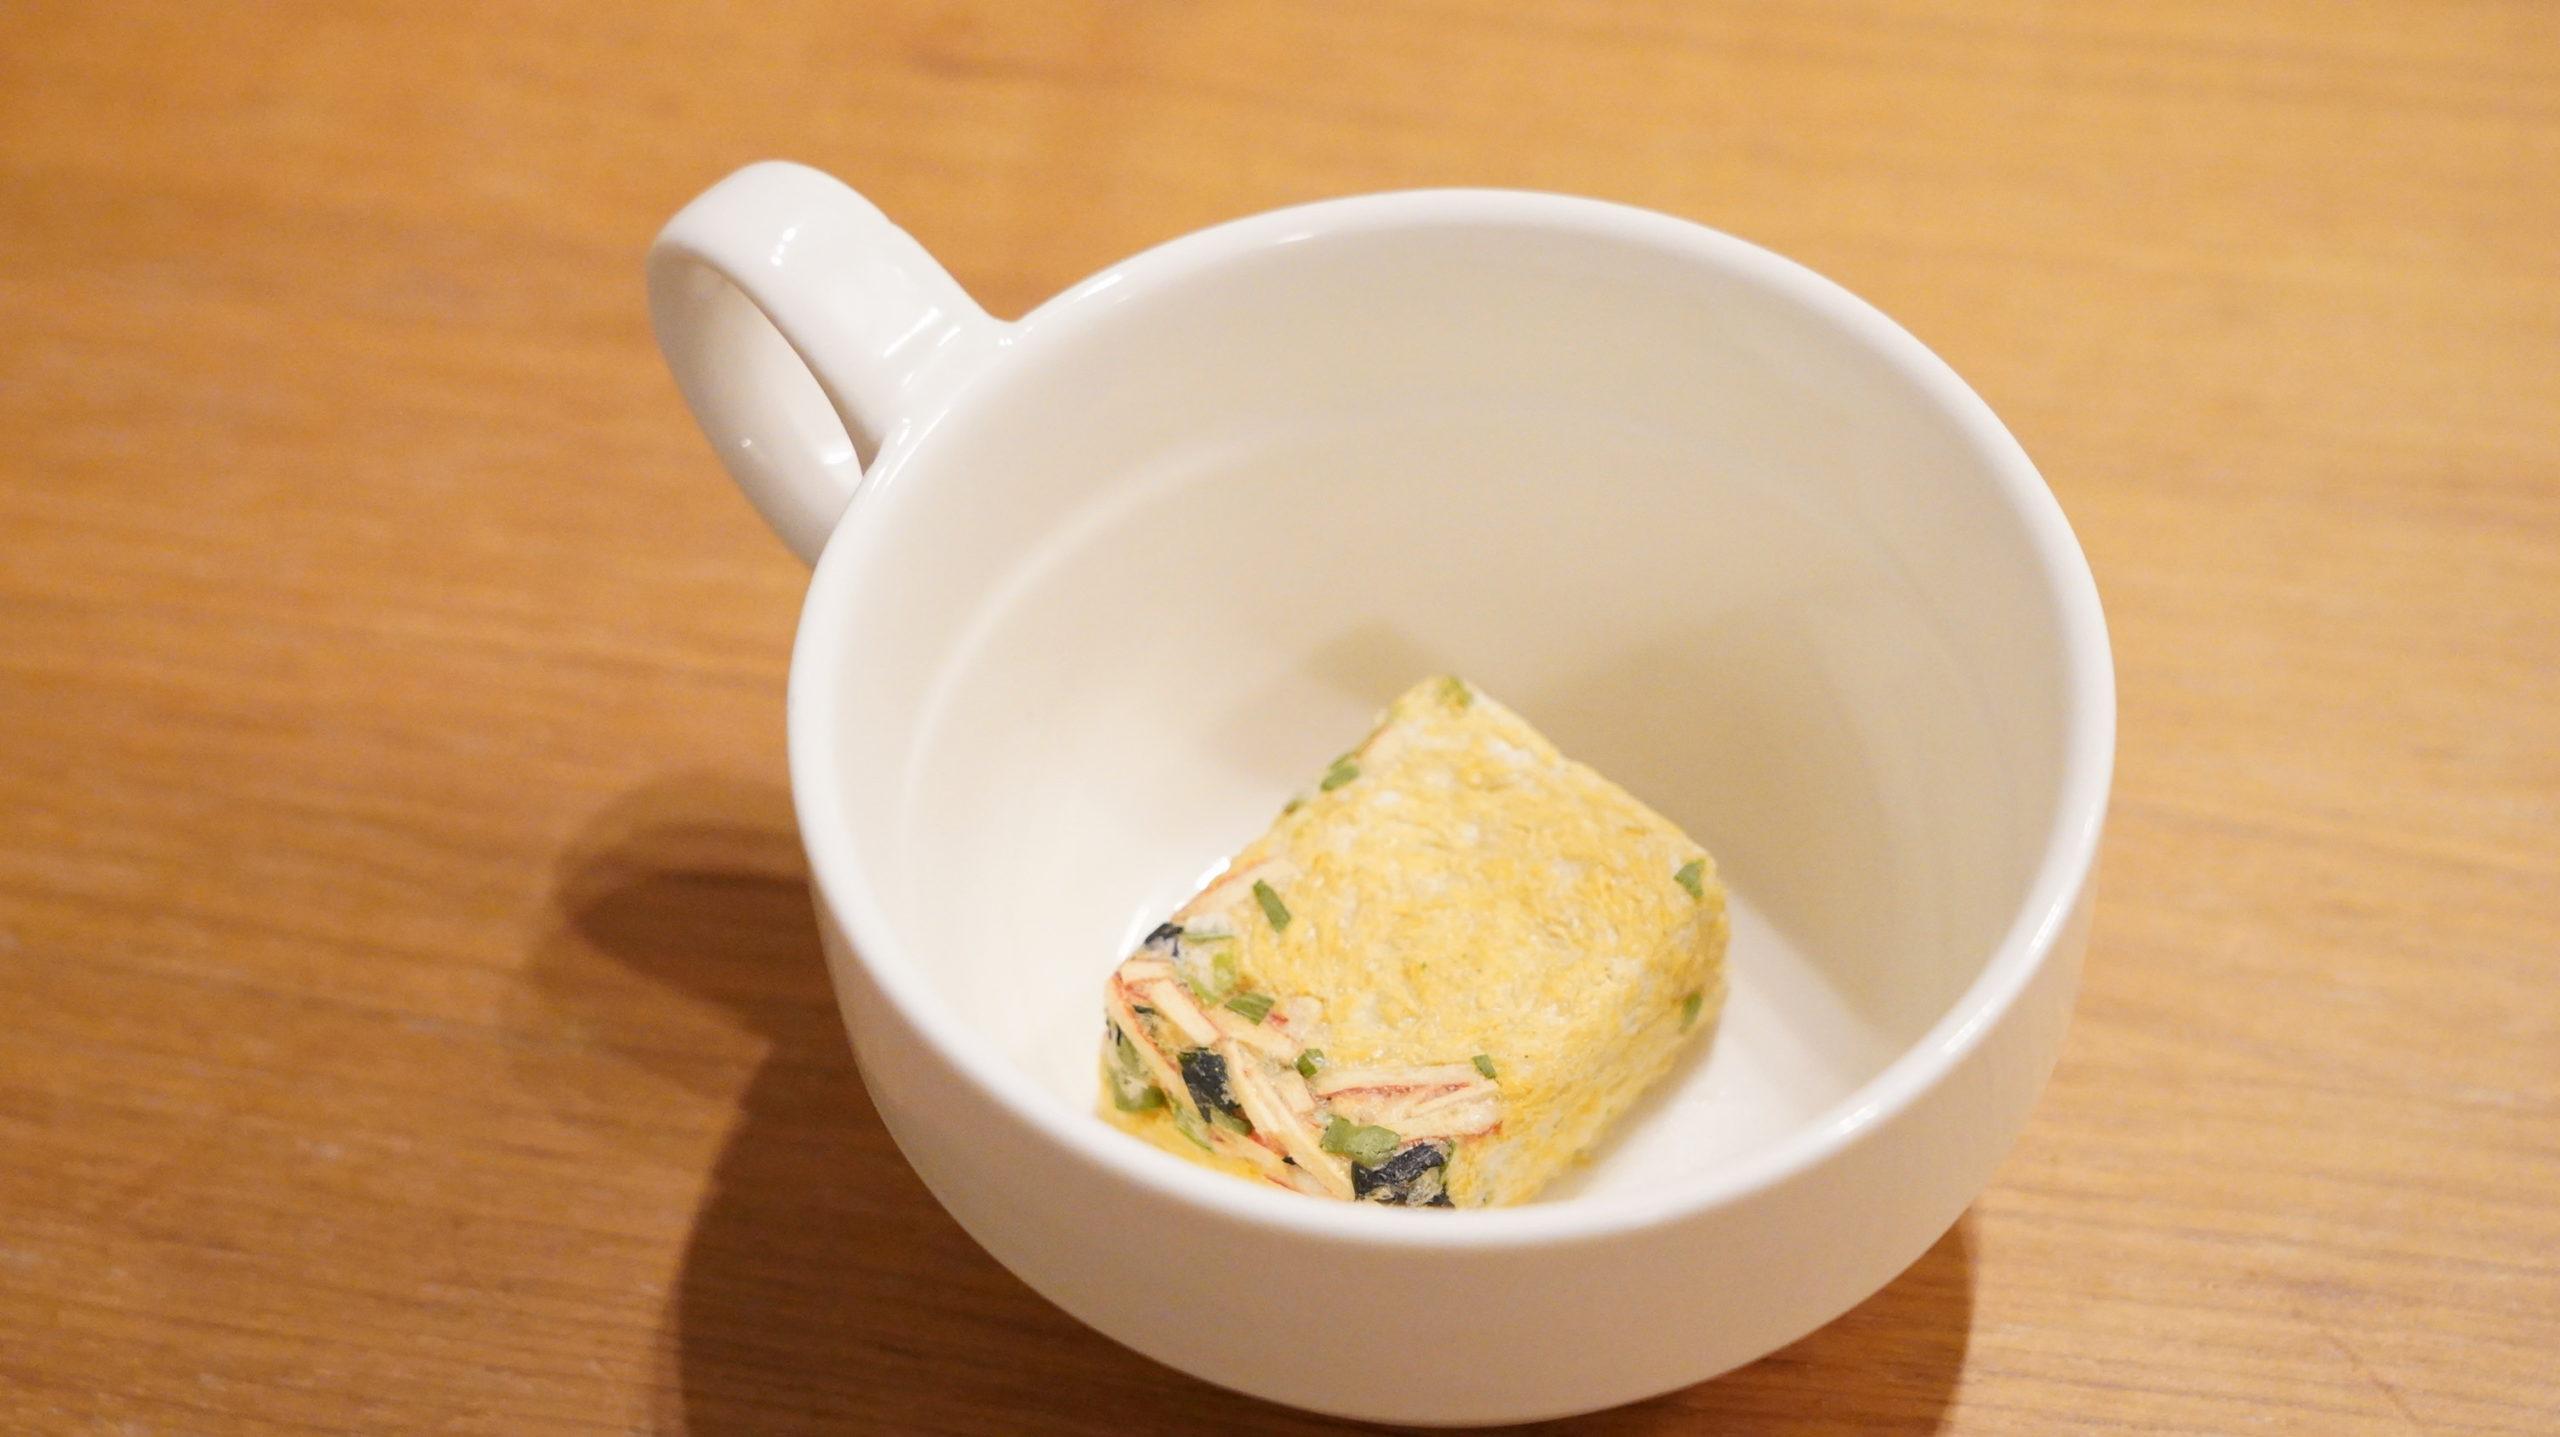 生協の宅配「おうちコープ」のたまごスープのフリーズドライをコップに入れた写真